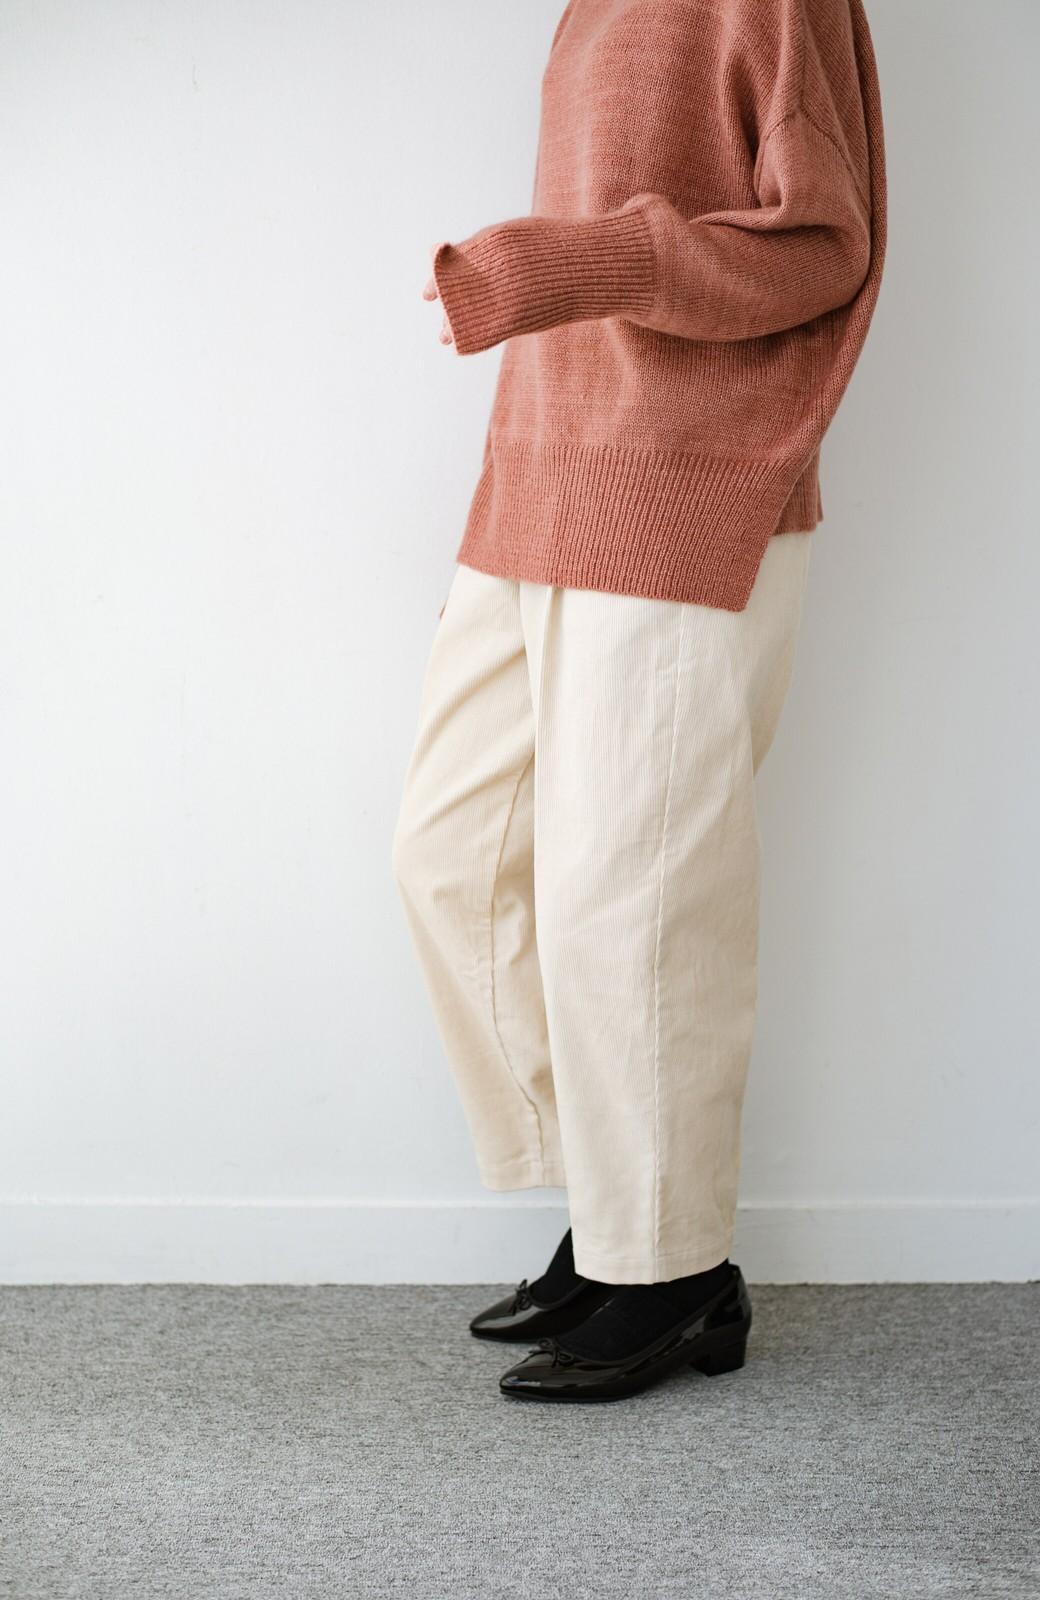 haco! カンタン今っぽで着まわし力ばっちり!大人もはきやすいゆったりコーデュロイパンツ <アイボリー>の商品写真12